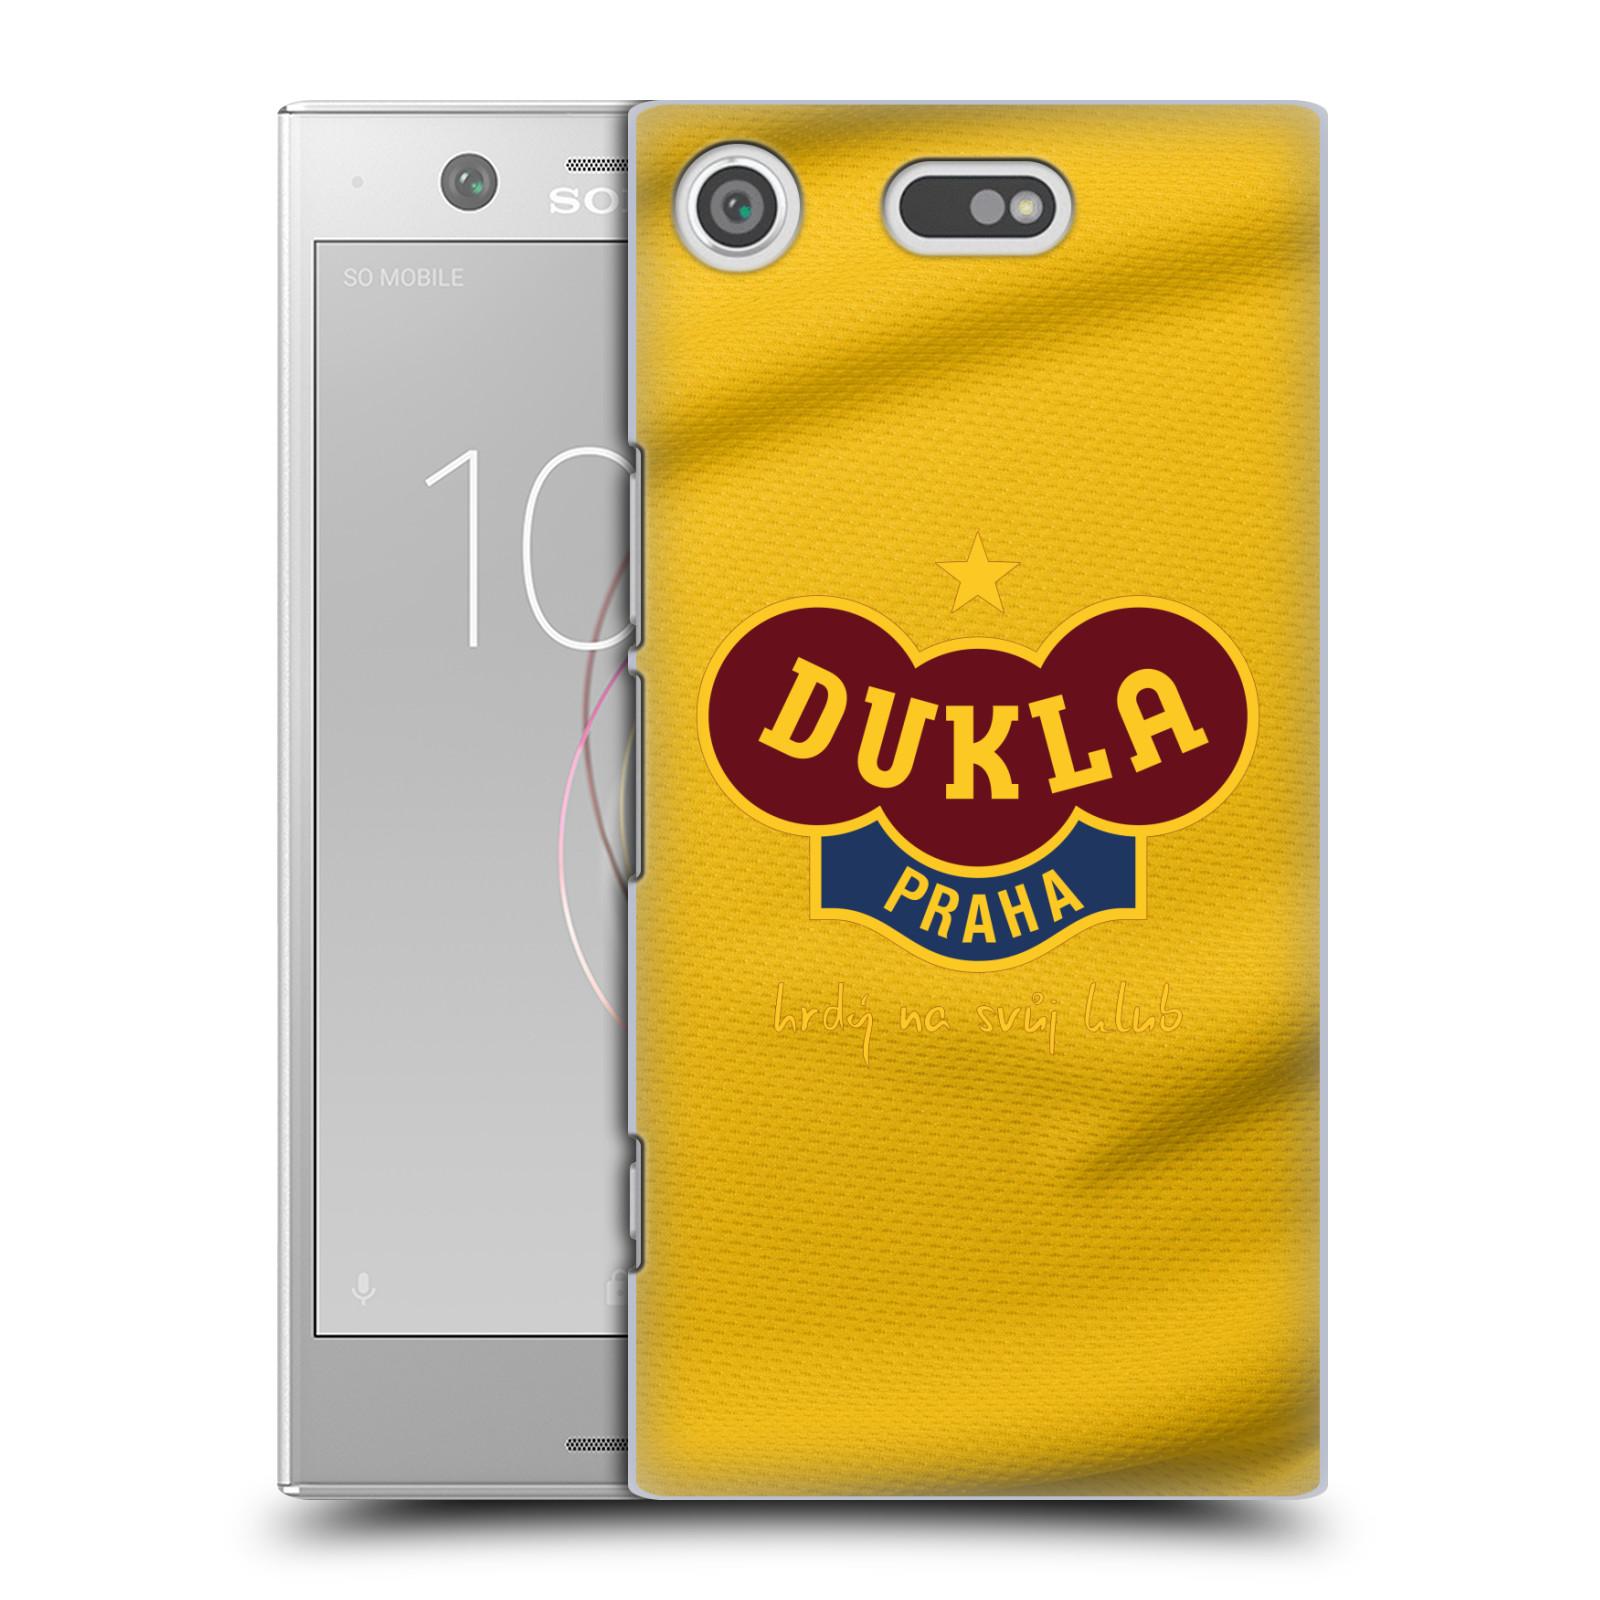 Plastové pouzdro na mobil Sony Xperia XZ1 Compact - FK Dukla Praha - Žlutý dres (Plastové pouzdro na mobil Sony Xperia XZ1 Compact - FK Dukla Praha - Žlutý dres)